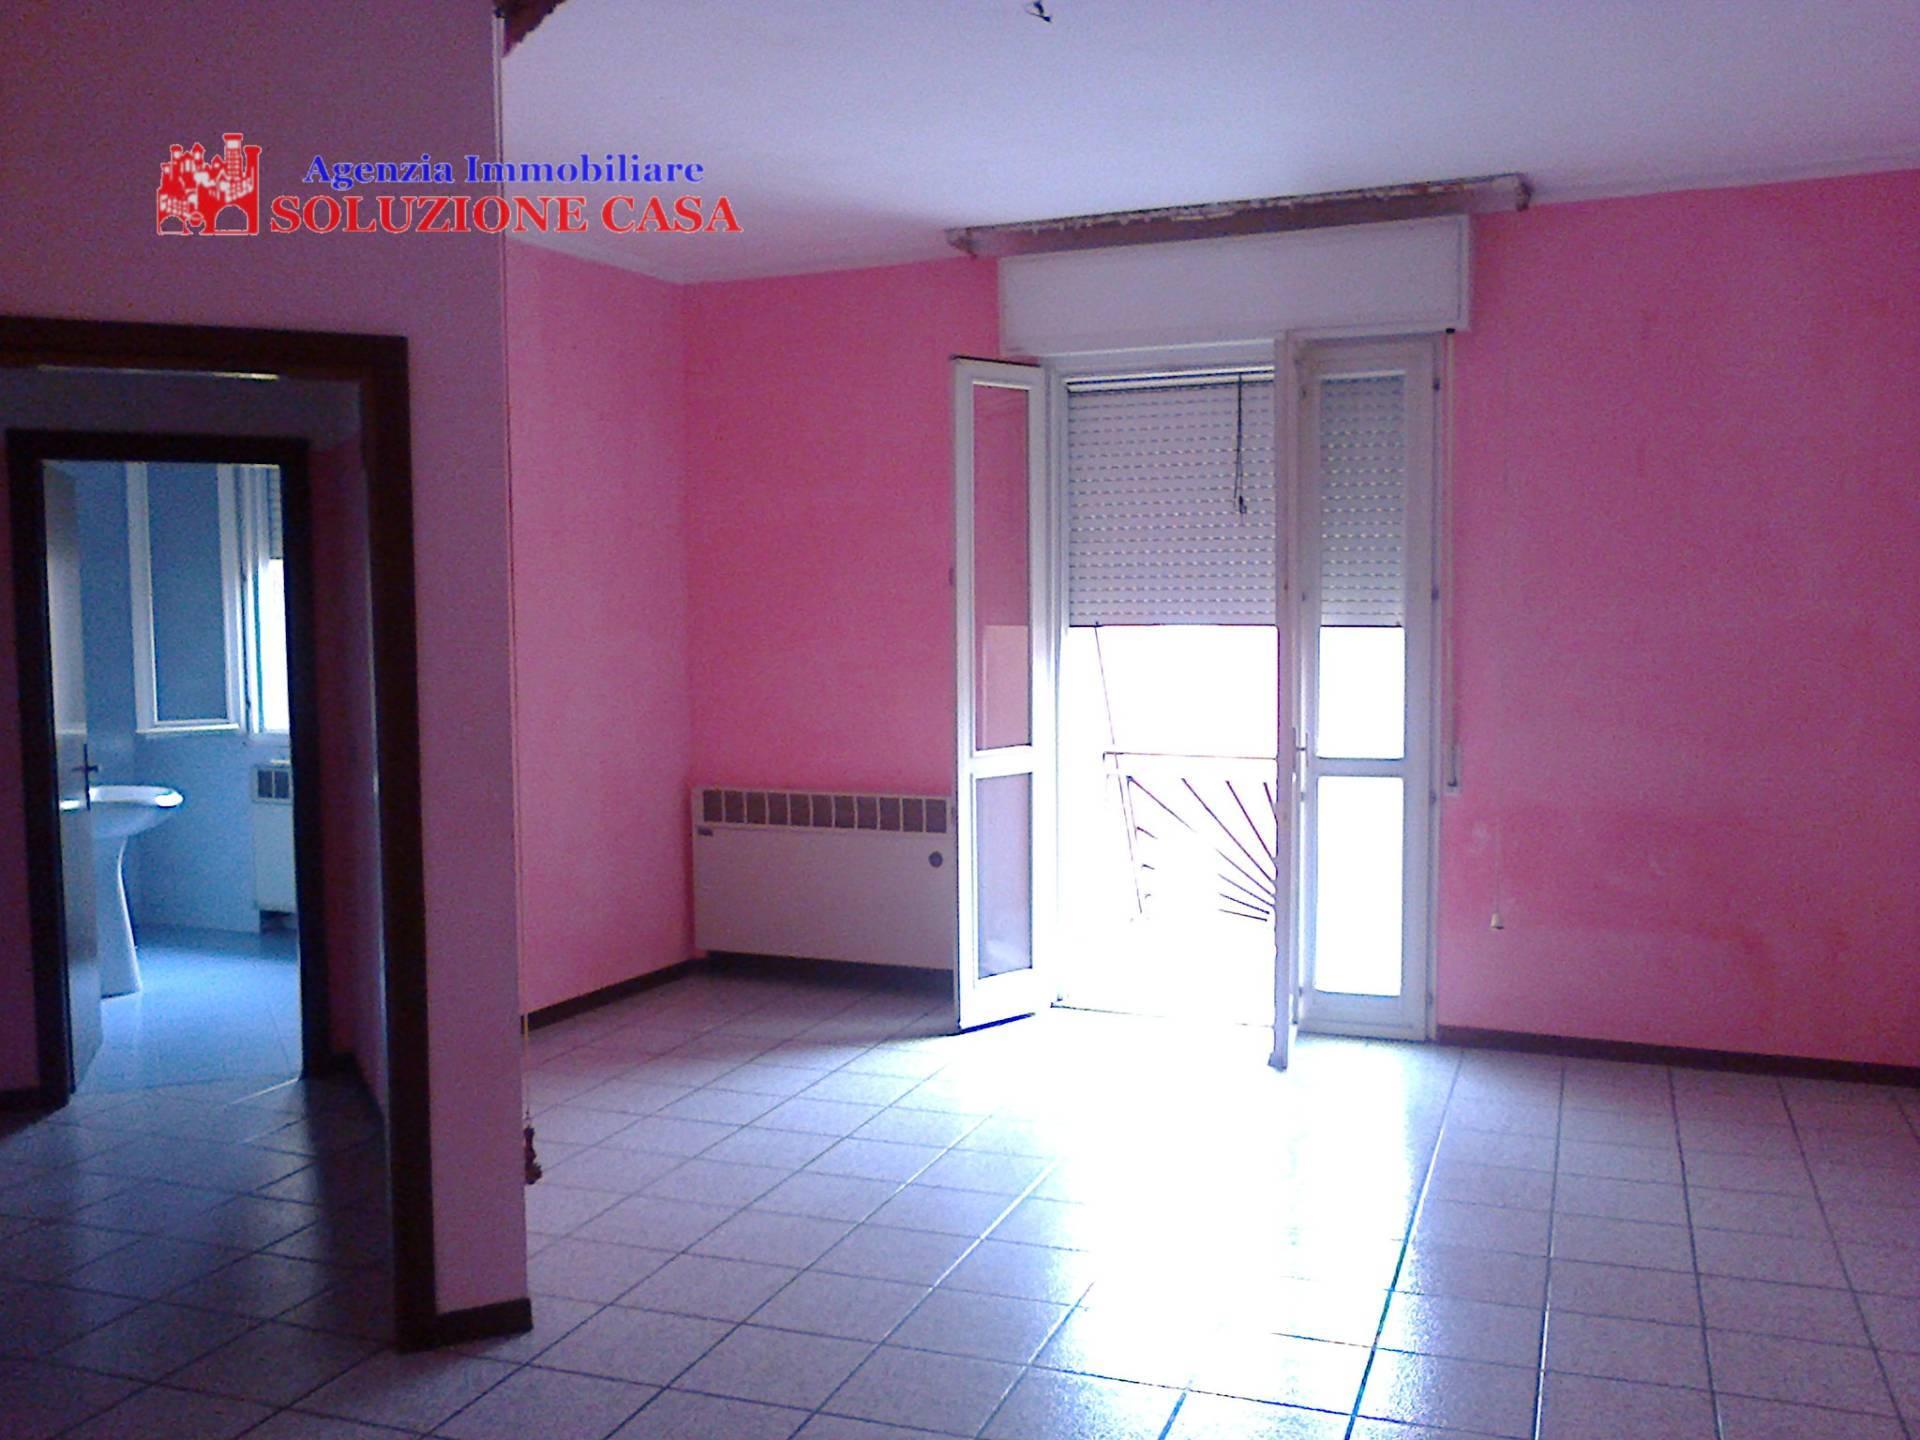 Appartamento in affitto a Sant'Agostino, 4 locali, zona Zona: Dosso, prezzo € 450 | Cambio Casa.it